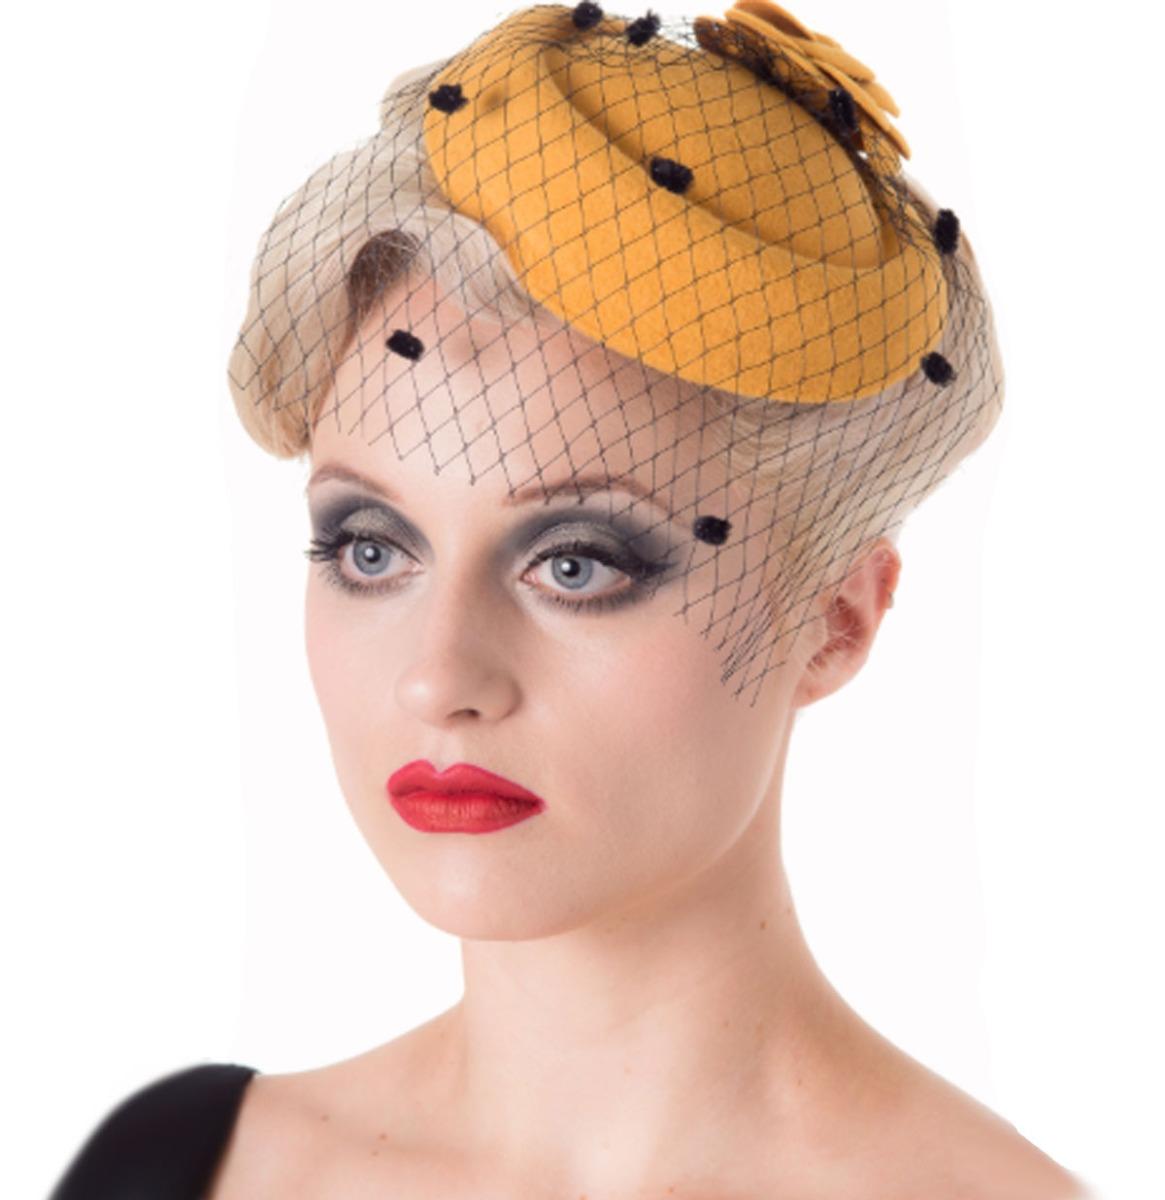 Marilyn Fascinator Mustard